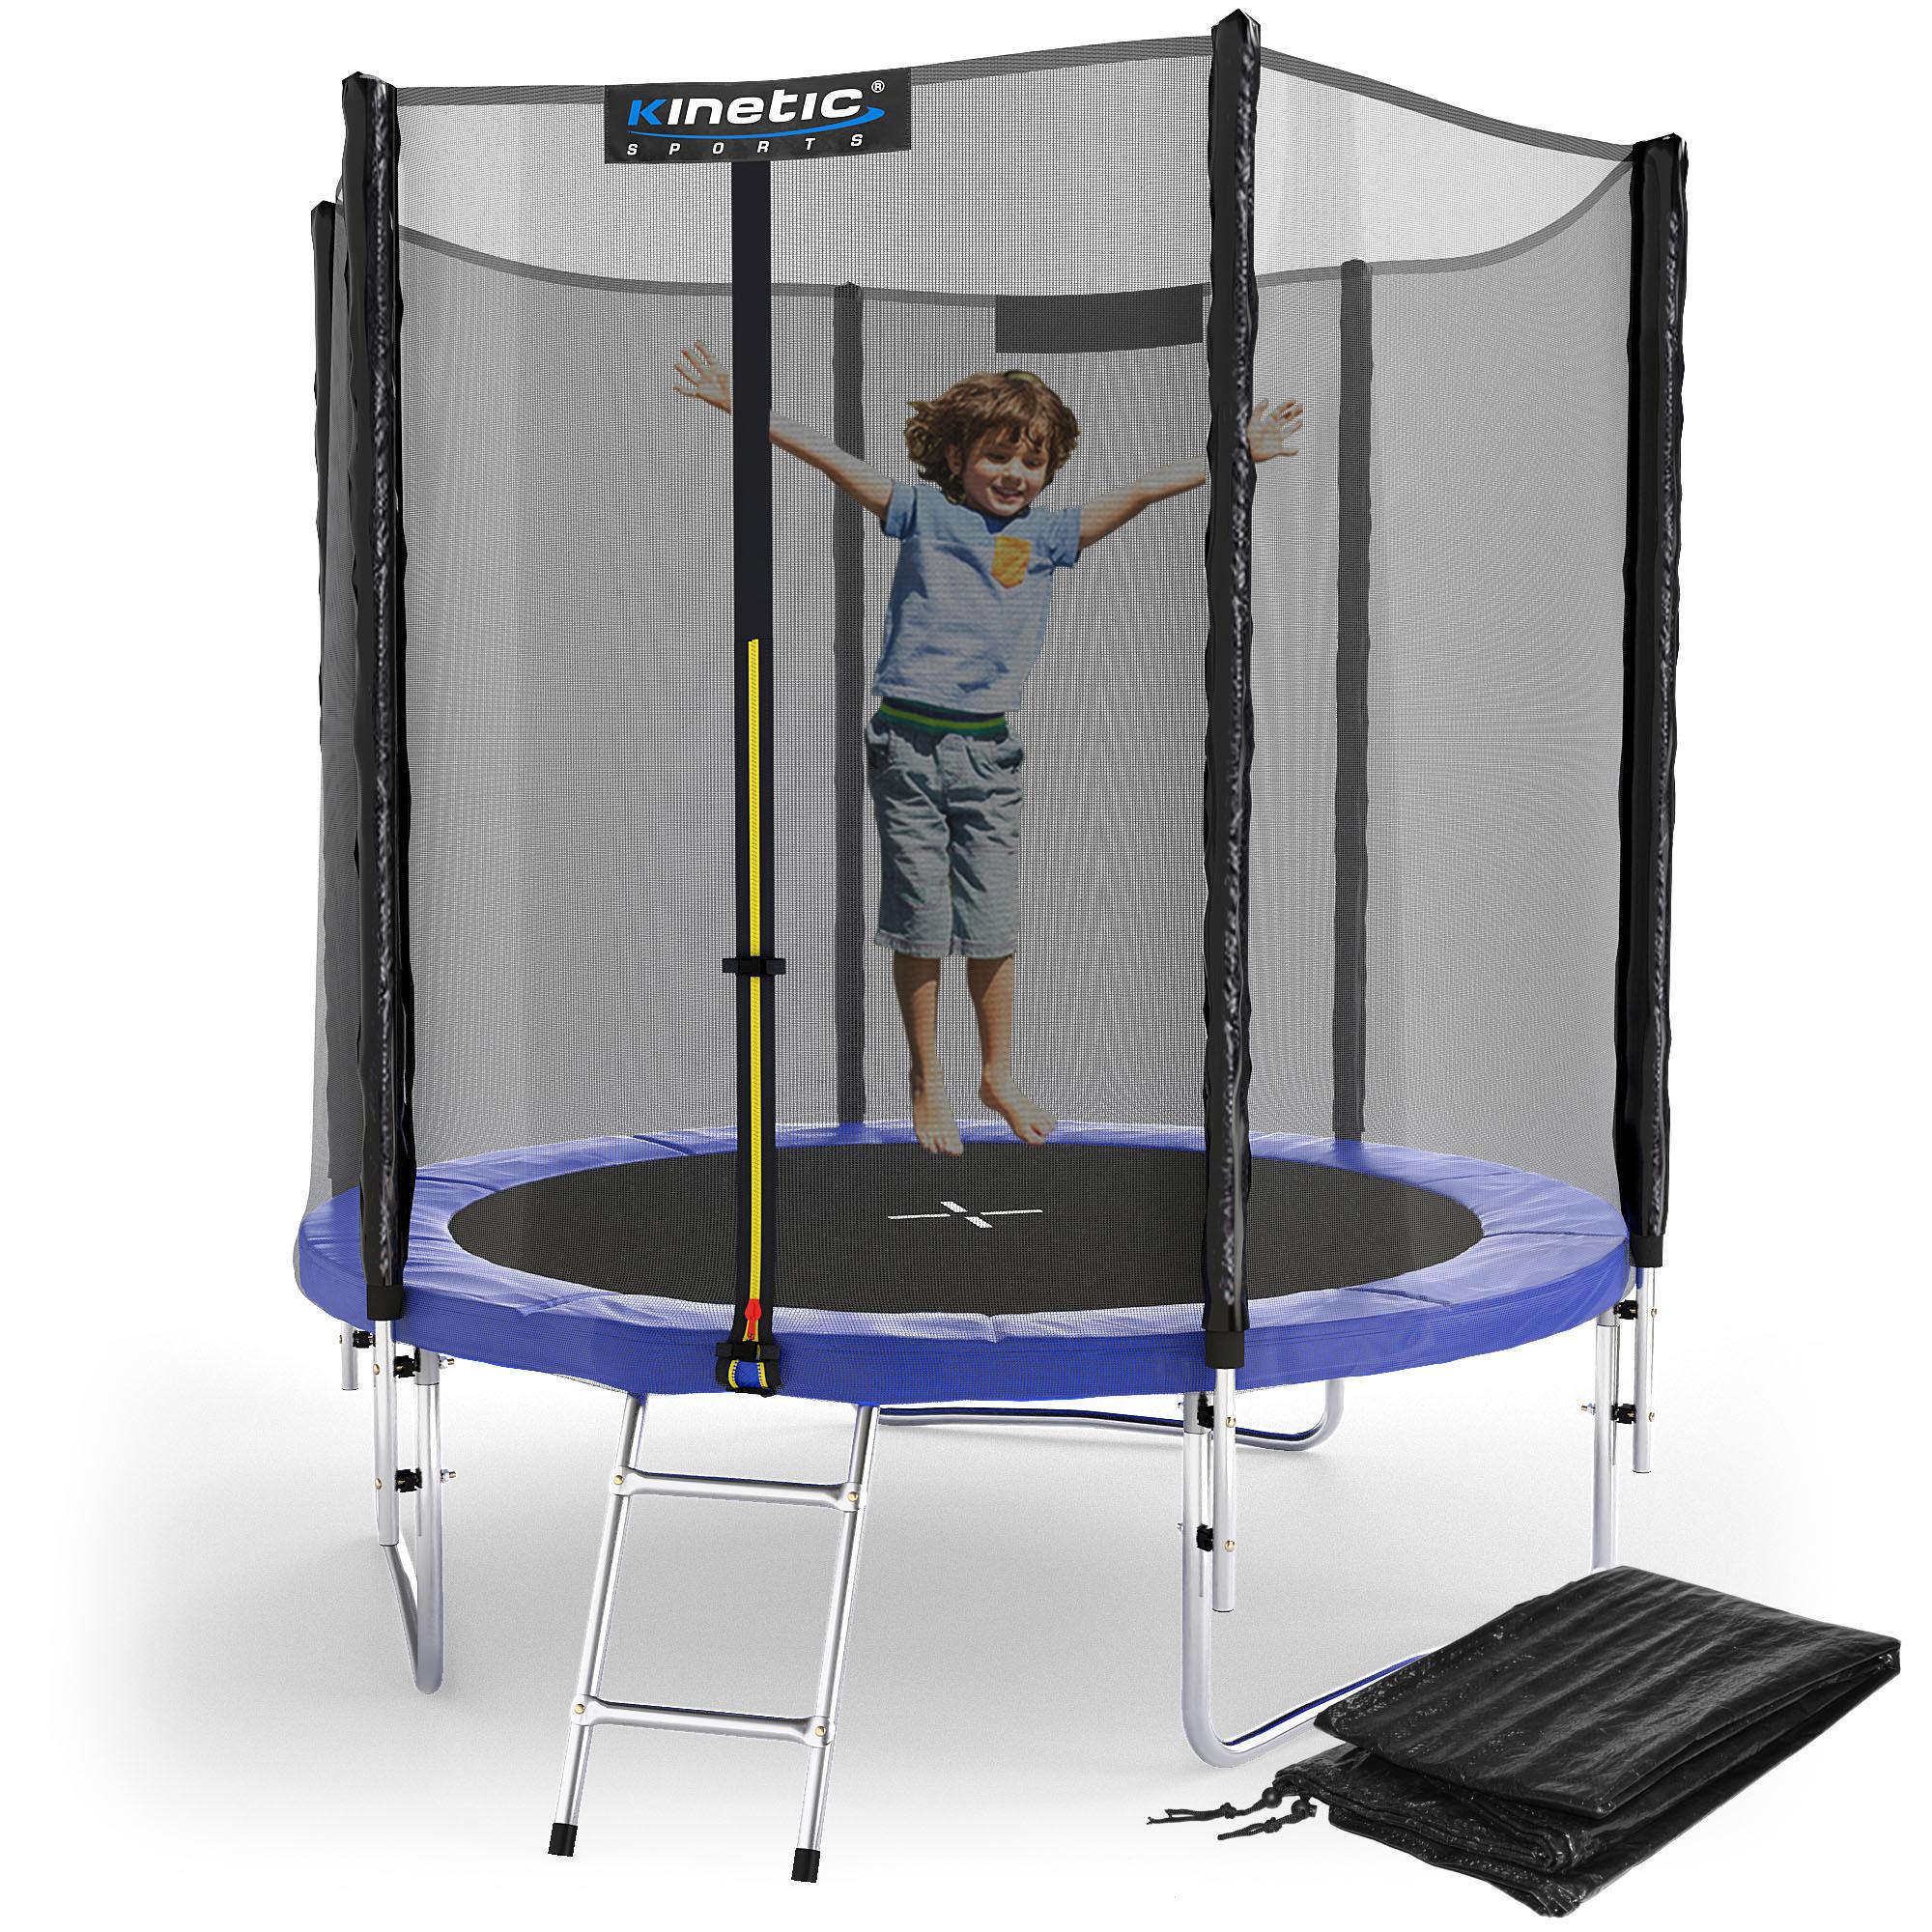 kinetic sports trampolin gartentrampolin mit zubeh r netz leiter regenplane set ebay. Black Bedroom Furniture Sets. Home Design Ideas